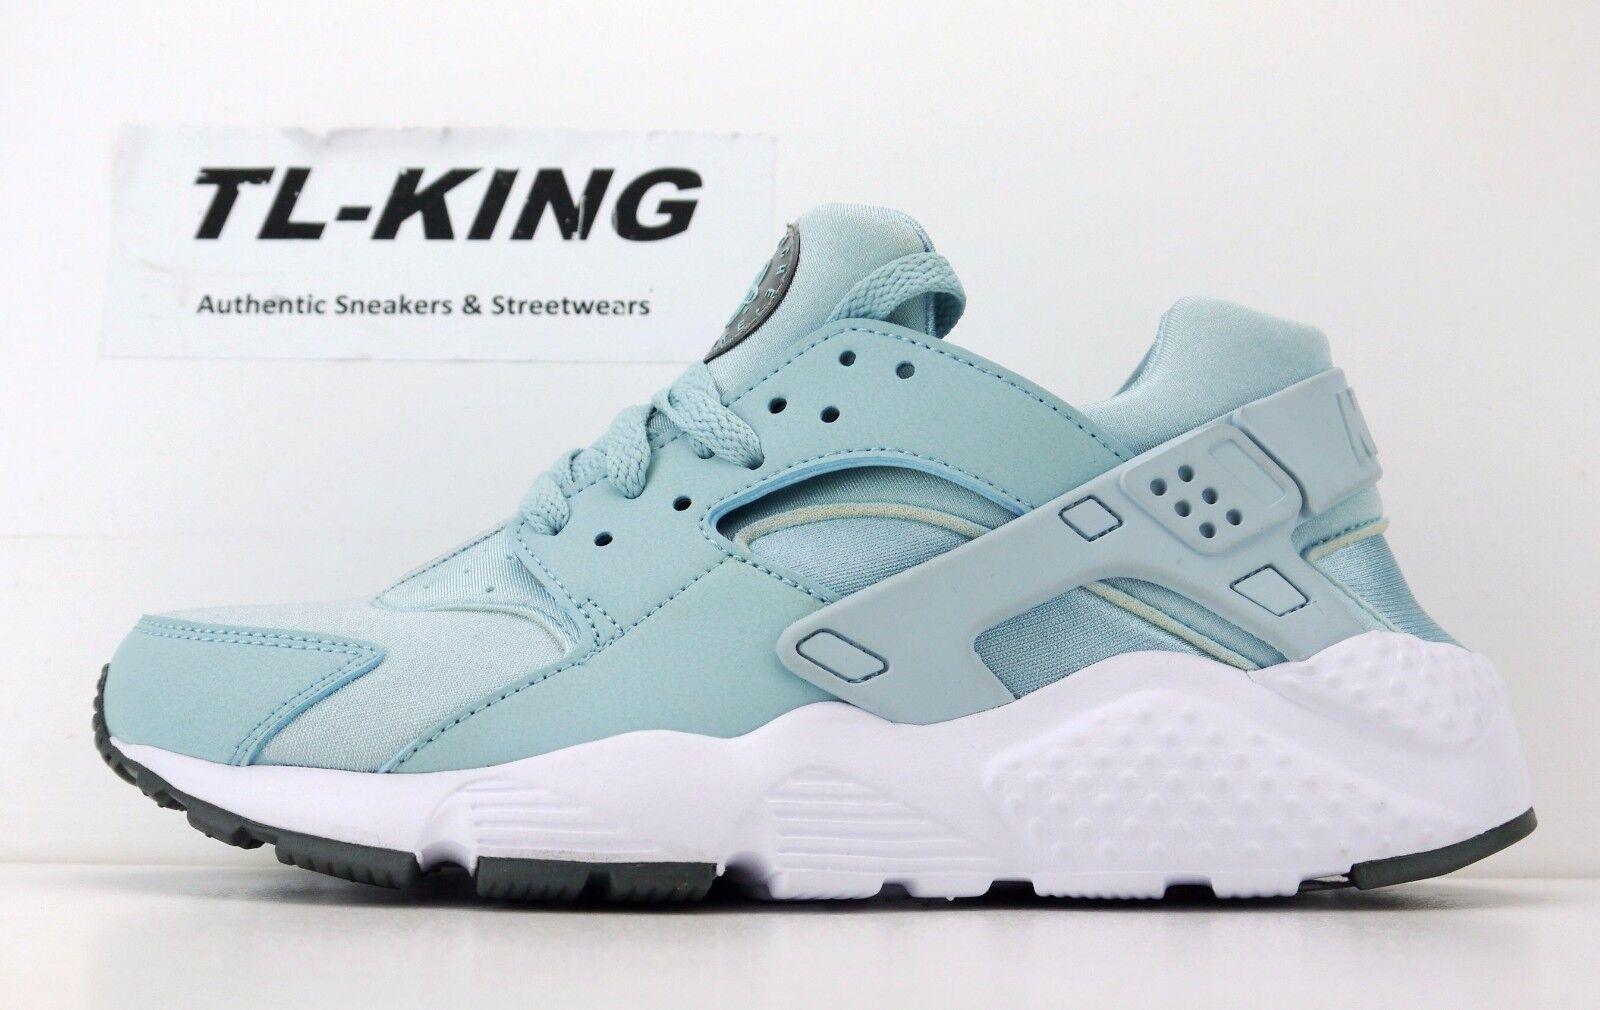 Nike huarache correre gs giovent oceano bliss classico delle scarpe 85 da ginnastica 654280-410 msrp 85 scarpe dollari ja d79e5c